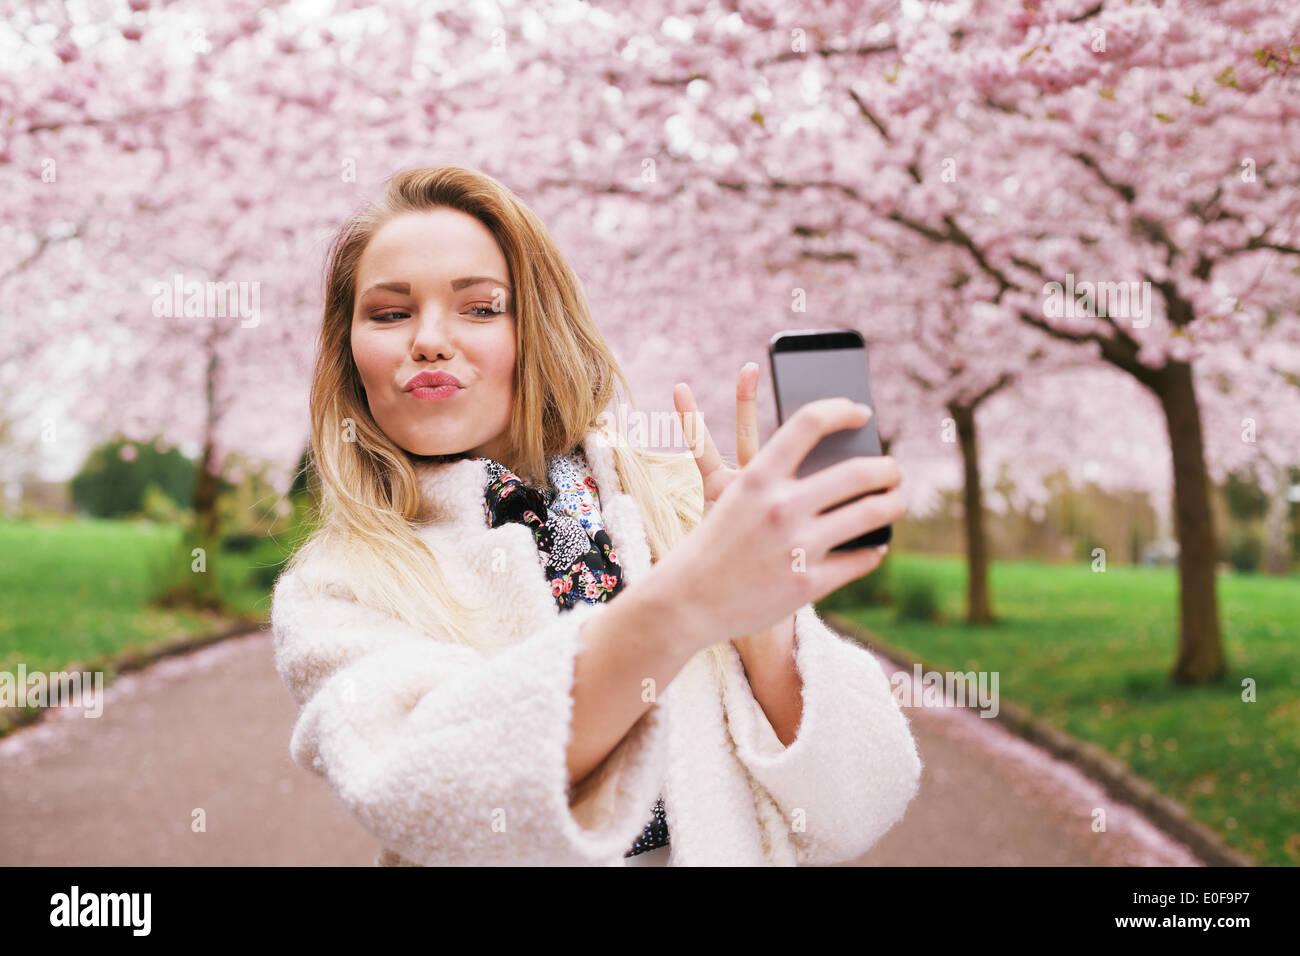 Nette junge Frau gestikulieren Friedenszeichen während ihrer Aufnahme mit Handy. Kaukasische weibliches Modell im Frühjahr blühen park Stockbild